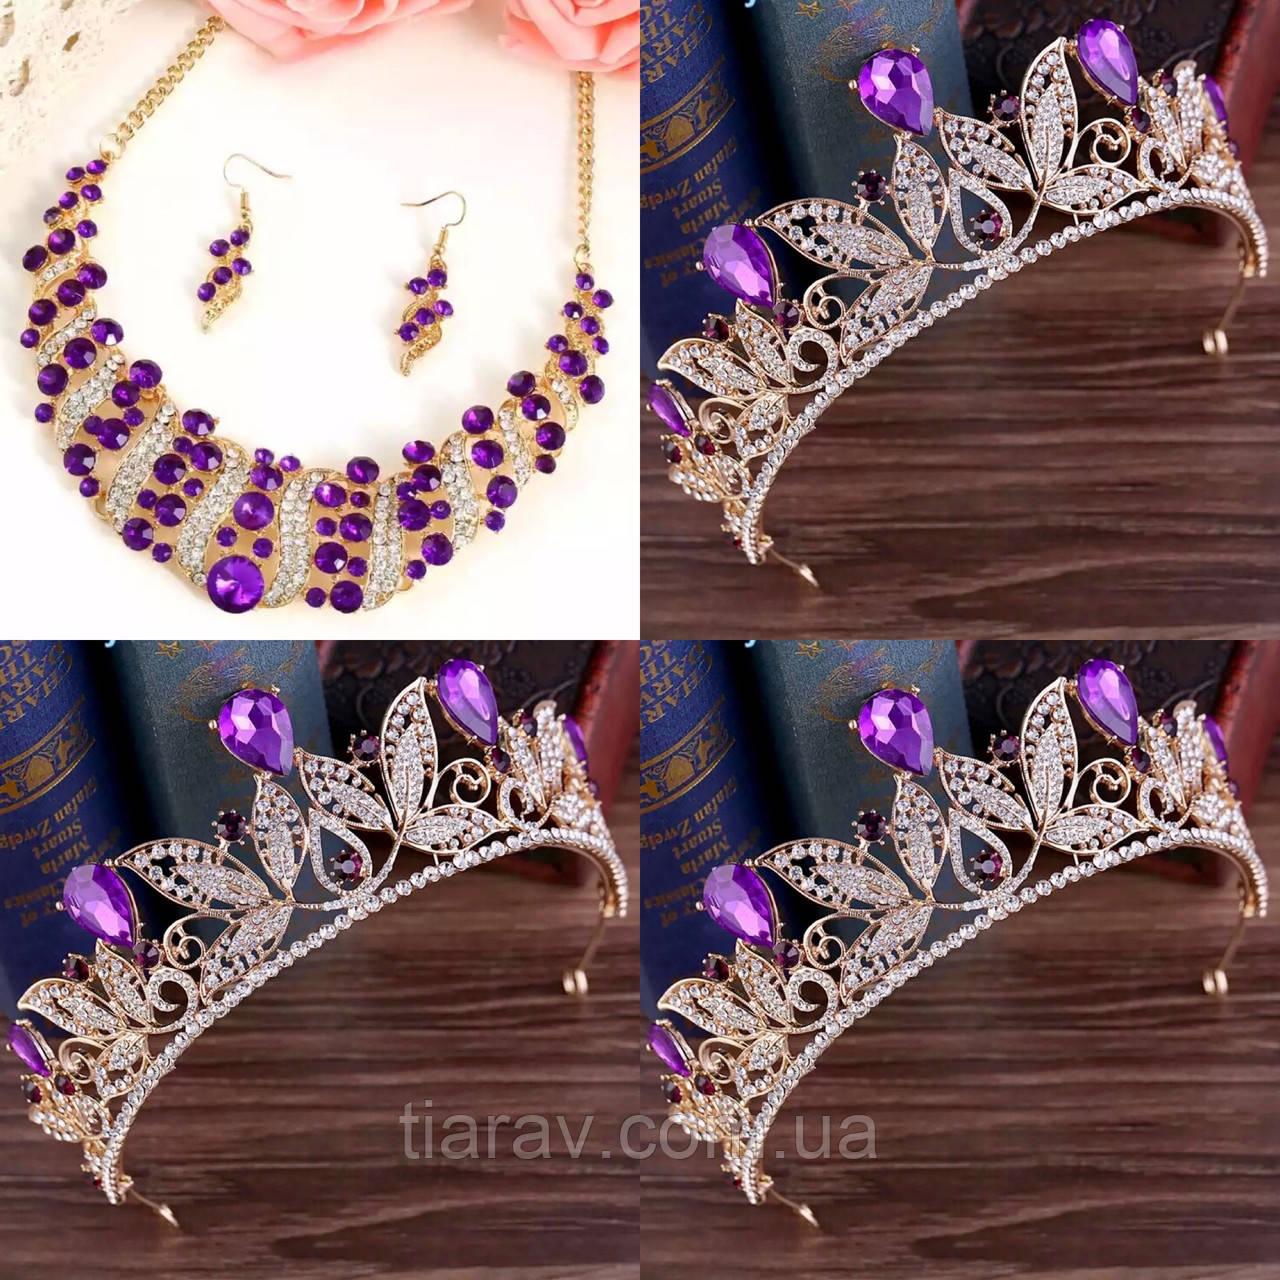 Діадема кольє і сережки, набір прикрас, весільна біжутерія, корона